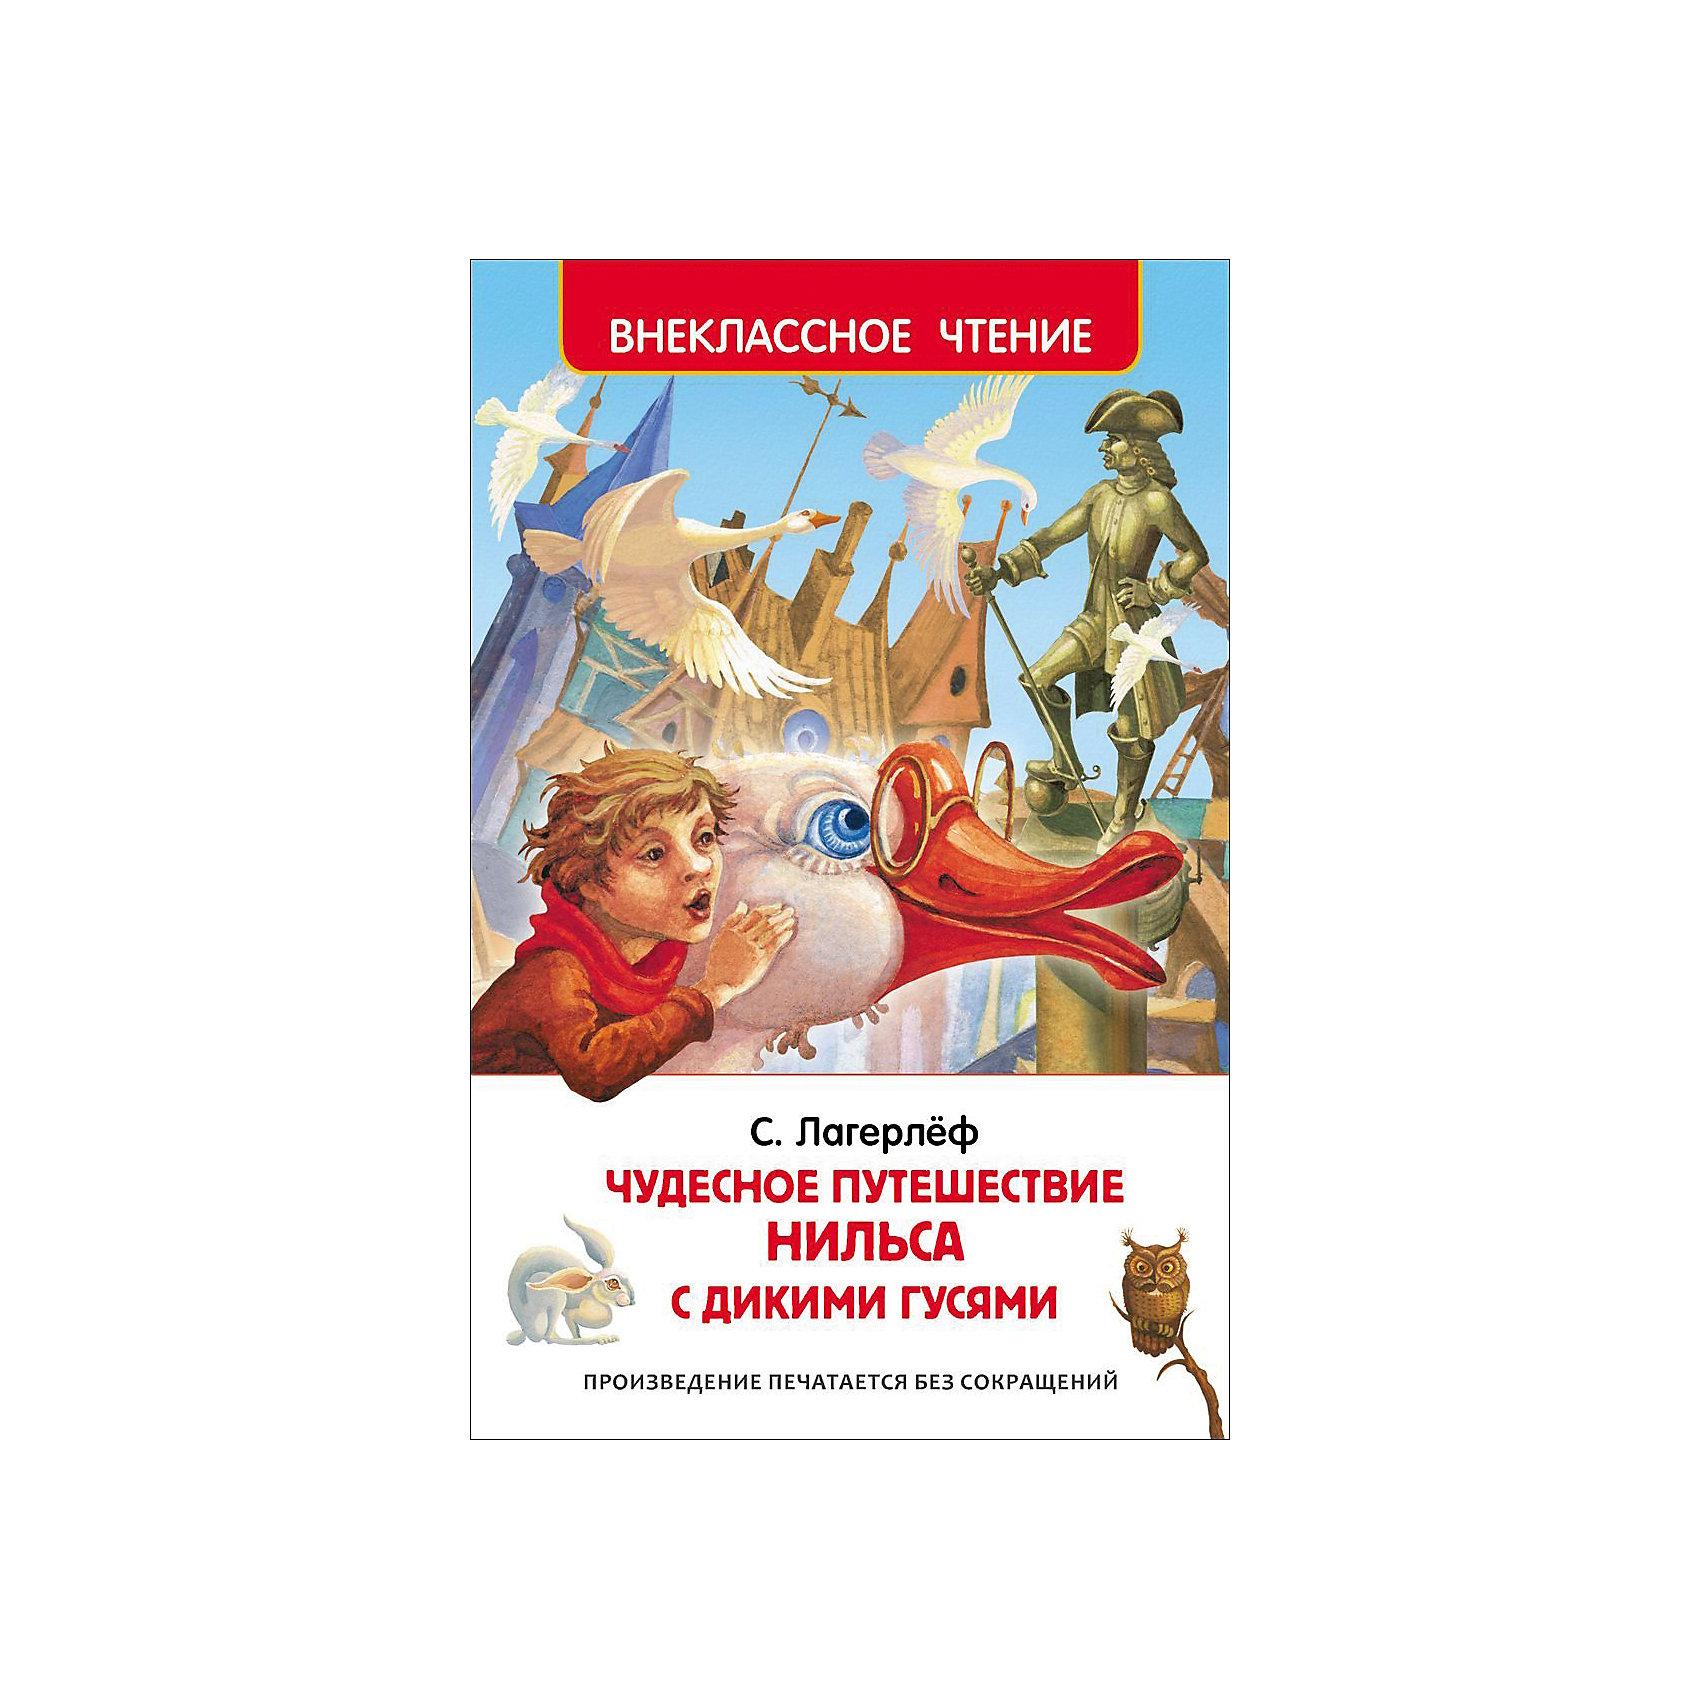 Чудесное путешествие Нильса, ЛагерлёфРосмэн<br>Характеристики товара:<br><br>- цвет: разноцветный;<br>- материал: бумага;<br>- количество страниц: 224;<br>- формат: 20,5 x 13,5 см;<br>- обложка: твердая;<br>- возраст: 7+.<br><br>Сказки – любимая литература всех малышей. Книга про Нильса и его любимого гуся – знаменитая история, которая отлично впишется в список внеклассного чтения. Удивительные приключения и новый мир, полный волшебства и магии откроется читателям! В книге есть черно-белые иллюстрации, привлекающие внимание малыша и способные привить любовь к книгам. Все материалы, использованные при производстве издания, соответствуют всем стандартам качества и безопасности. <br><br>Издание Чудесное путешествие Нильса, Лагерлёф от компании Росмэн можно приобрести в нашем интернет-магазине.<br><br>Ширина мм: 205<br>Глубина мм: 135<br>Высота мм: 10<br>Вес г: 209<br>Возраст от месяцев: 84<br>Возраст до месяцев: 108<br>Пол: Унисекс<br>Возраст: Детский<br>SKU: 5109886